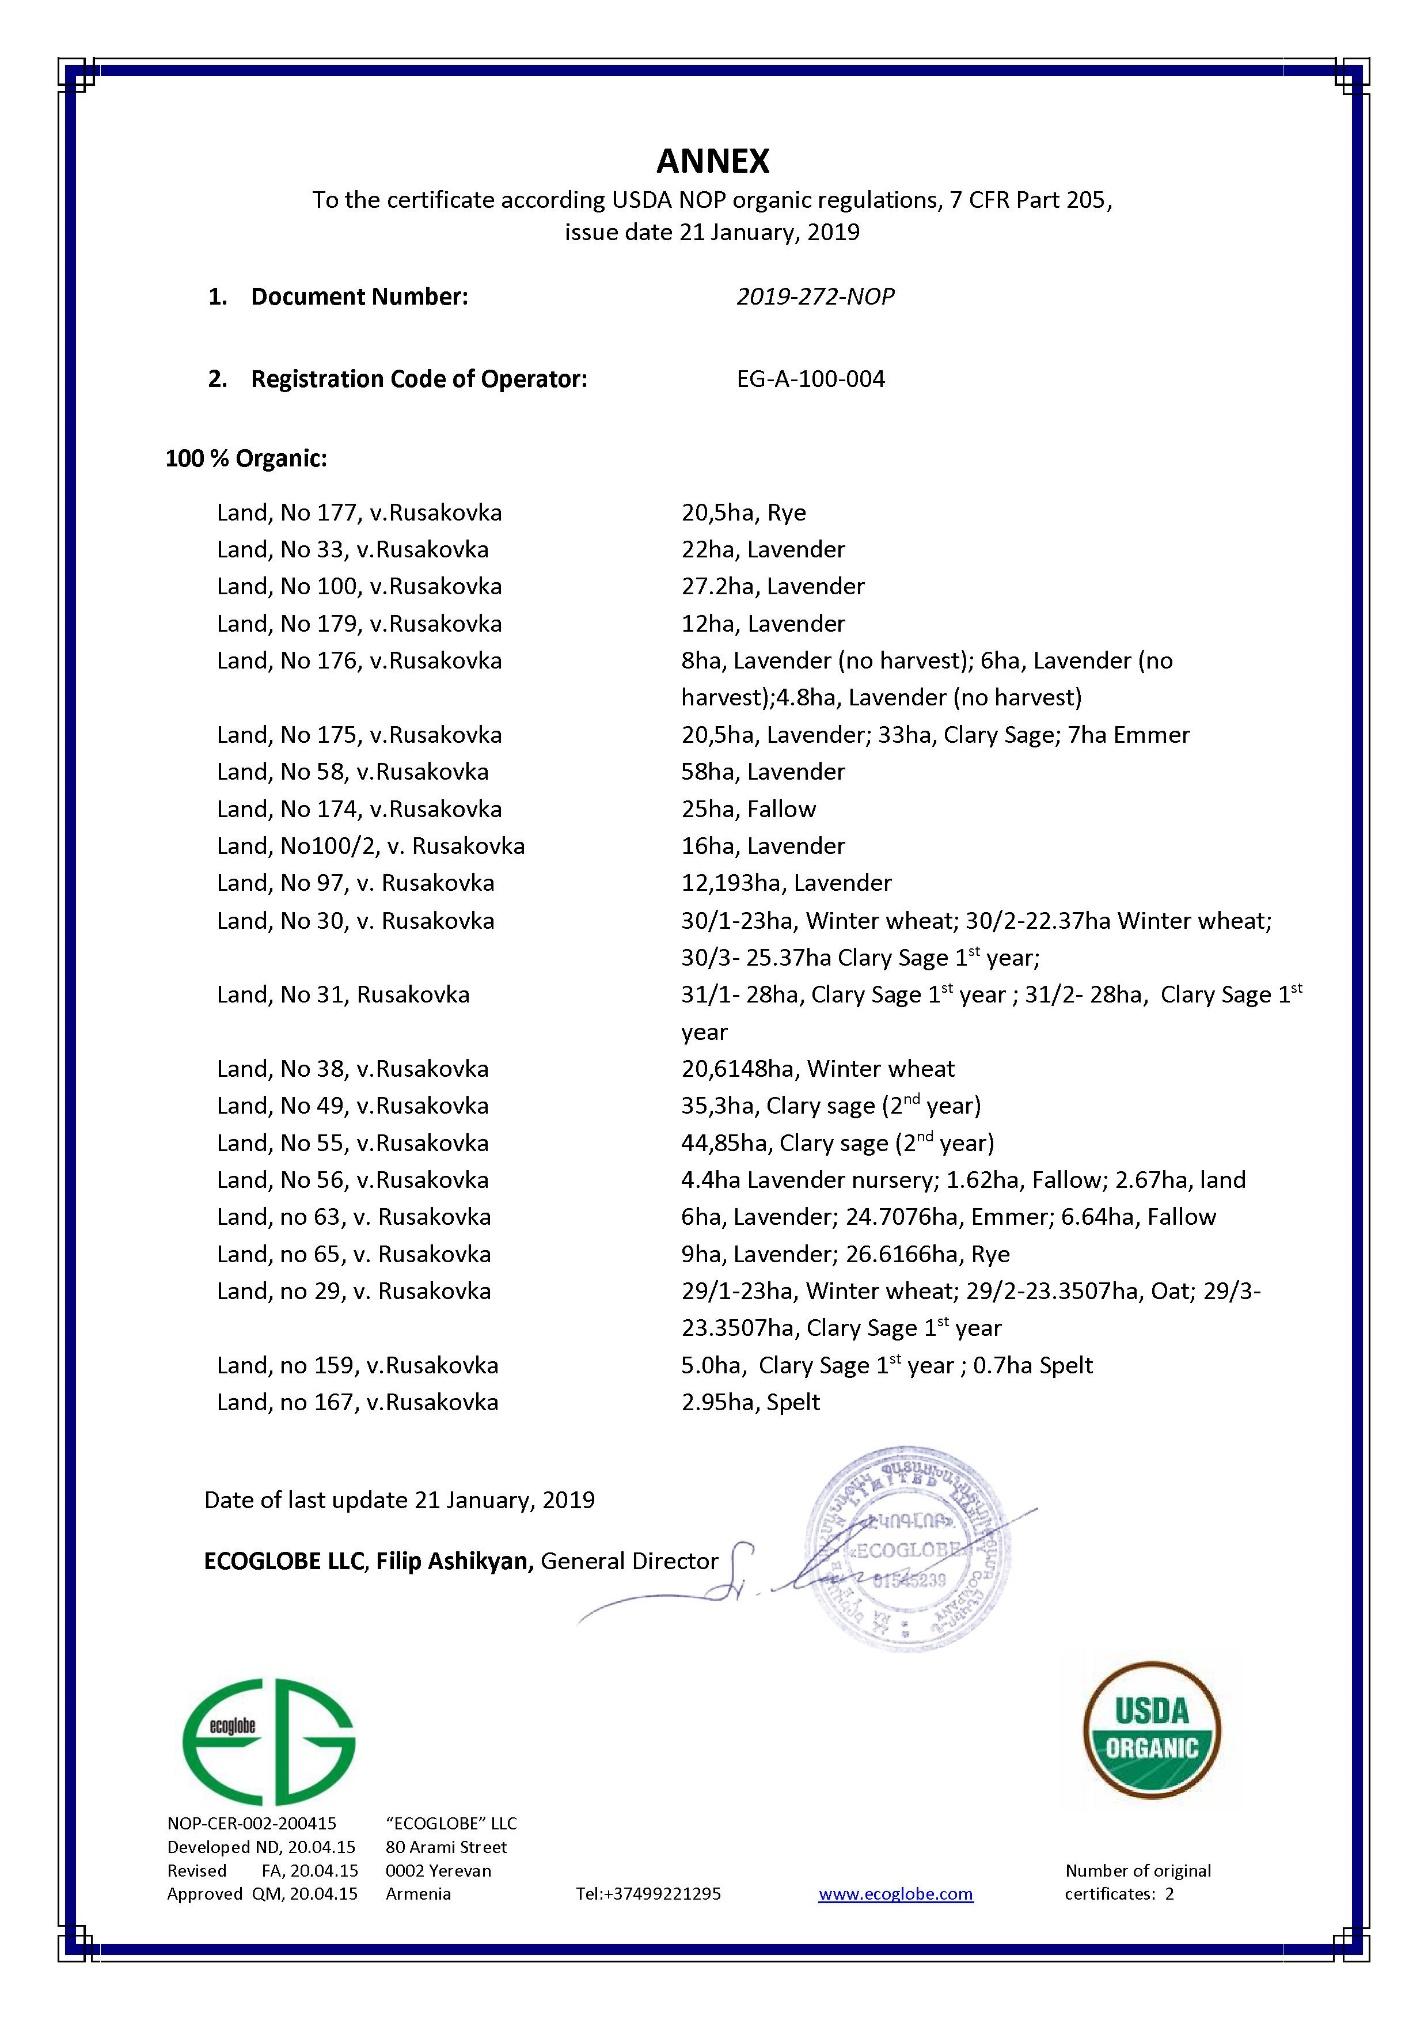 word image 103 Комплексное эколого-химическое обследование по международным стандартам «Органик» хозяйства - экспортера и обоснование целесообразности производства органической продукции в условиях юга России